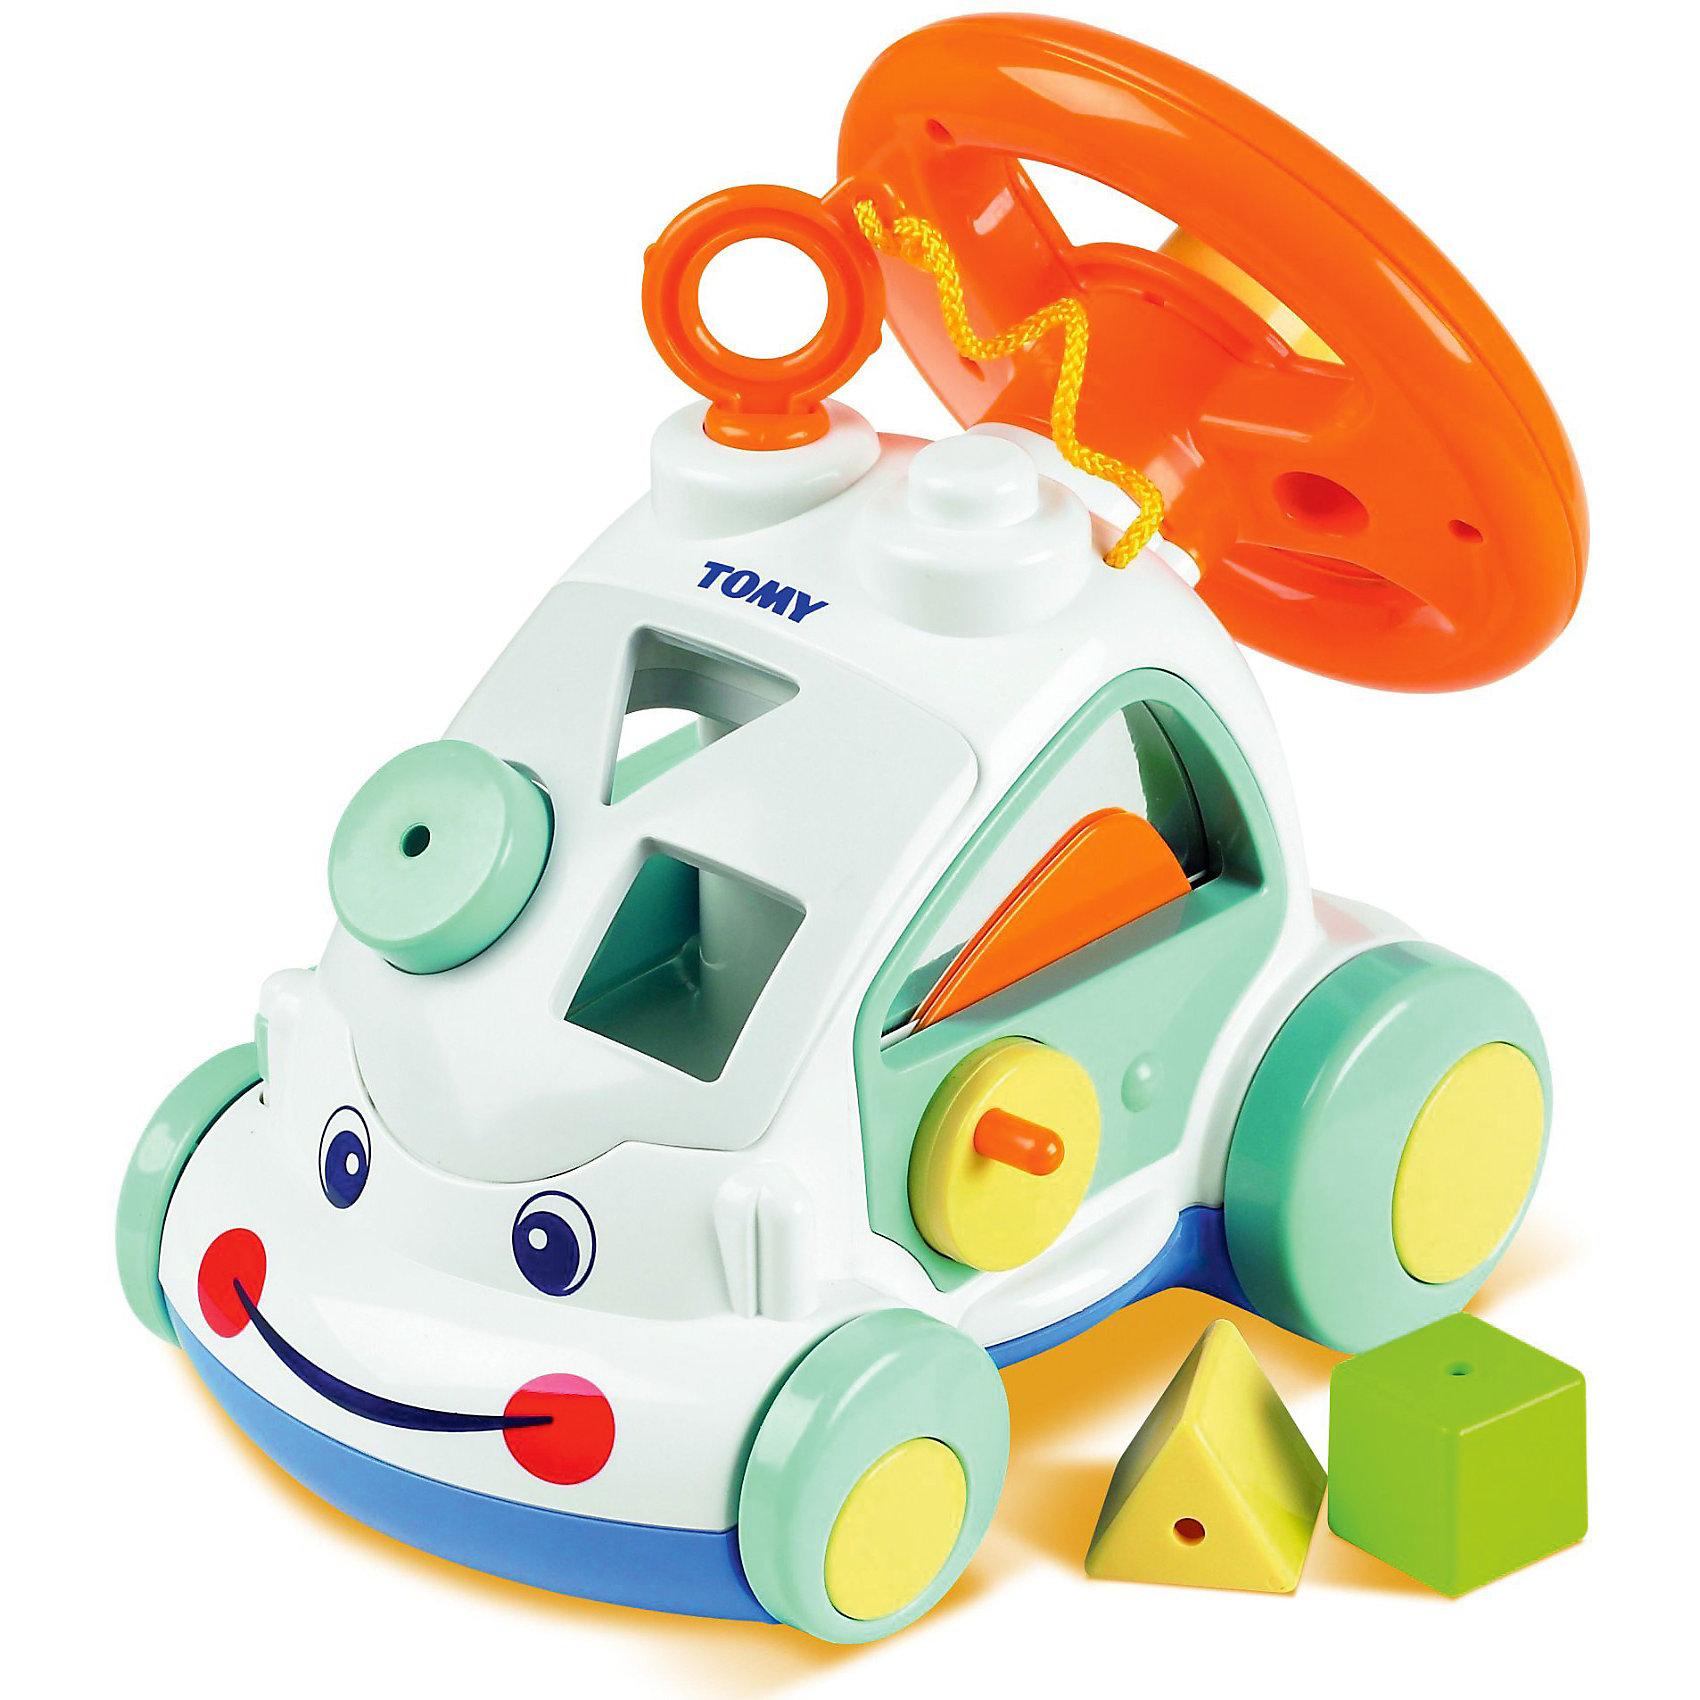 Интерактивный автомобиль, TOMYИнтерактивные игрушки для малышей<br>Интерактивный автомобиль, Tomy (Томи) - красочная развивающая игрушка, которая наверняка понравится Вашему ребенку. У машинки забавная улыбающаяся мордашка, в корпусе, который можно использовать как сортер, имеются фигурные прорези для разноцветных формочек (входят в комплект). При движении колеса издают характерный звук трещотки.<br>Сзади расположен большой крутящийся руль с крупной кнопкой-клаксоном, нажав на нее малыш услышит автомобильный гудок, а поворот руля будет сопровождаться веселым потрескиванием. Правая дверца машинки открывается с помощью ручки, а на левой дверке снаружи есть рычажок, который имитирует опускание бокового стекла. Автомобиль округлой формы с крупными деталями, малышу будет удобно хватать его и катать по полу. Игрушка способствует развитию логики, мелкой моторики и координации движений.<br><br>Дополнительная информация:<br><br>-Материал: пластмасса.<br>-Размер упаковки: 28 х 17 х 24 см.<br>-Вес: 1 кг.<br><br>Интерактивный автомобиль, Tomy (Томи), можно купить в нашем интернет-магазине.<br><br>Ширина мм: 280<br>Глубина мм: 170<br>Высота мм: 240<br>Вес г: 1000<br>Возраст от месяцев: 12<br>Возраст до месяцев: 36<br>Пол: Унисекс<br>Возраст: Детский<br>SKU: 3950203